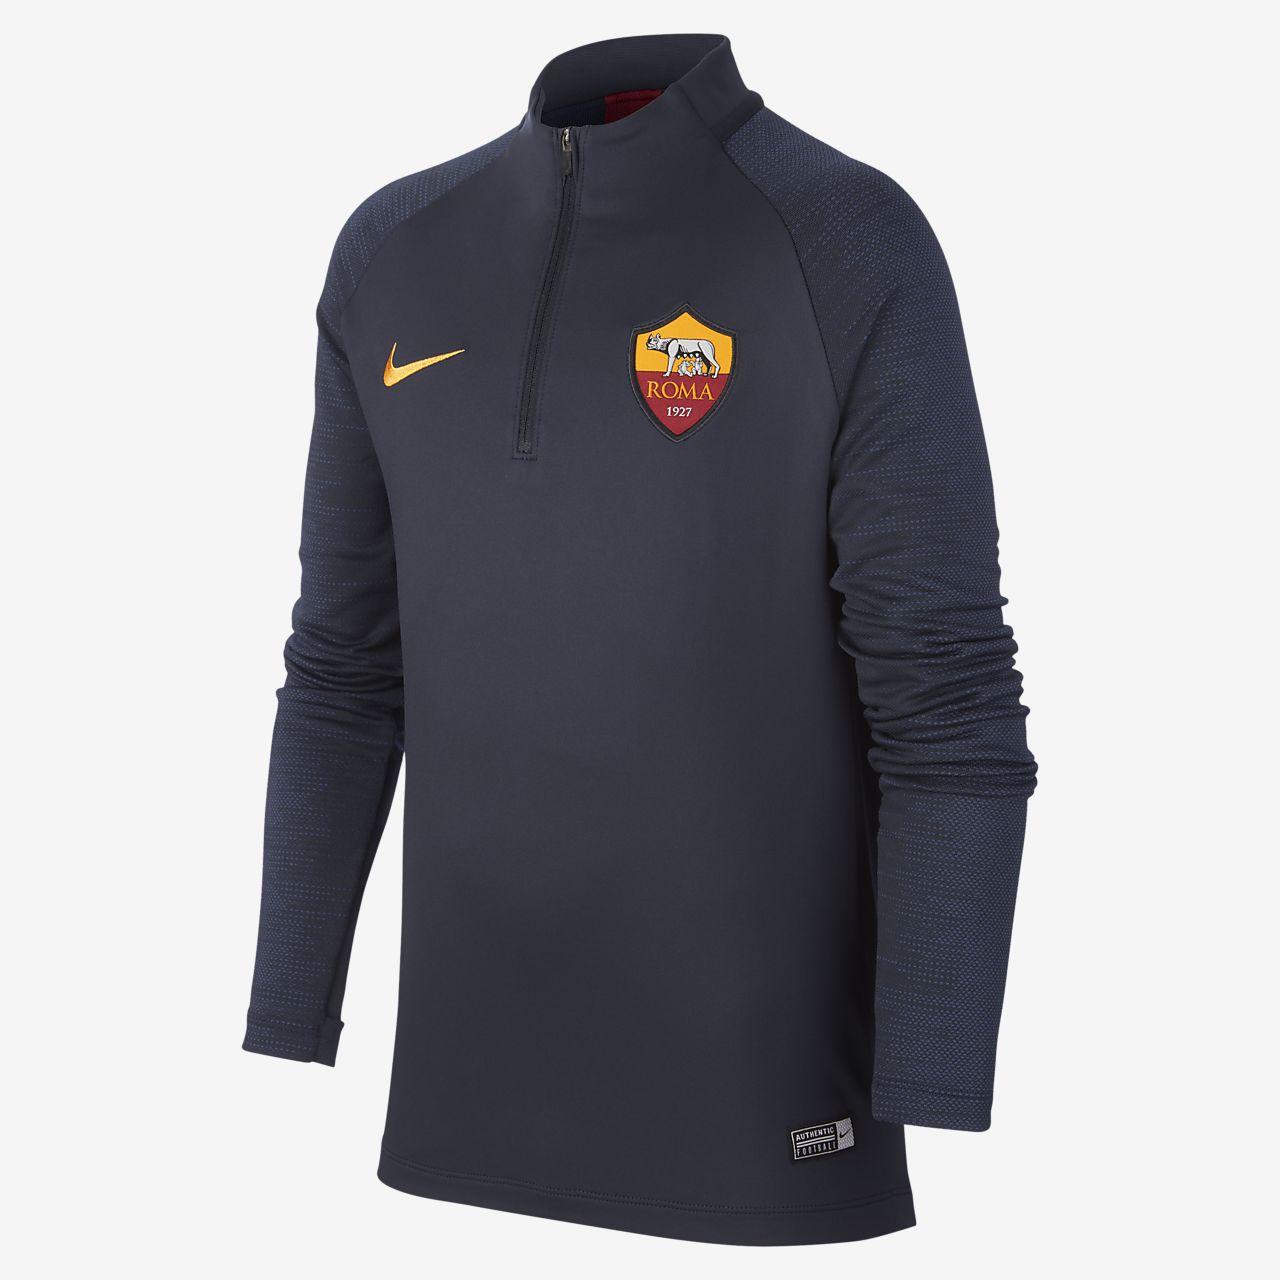 Ποδοσφαιρική μπλούζα προπόνησης A.S. Roma Strike για μεγάλα παιδιά